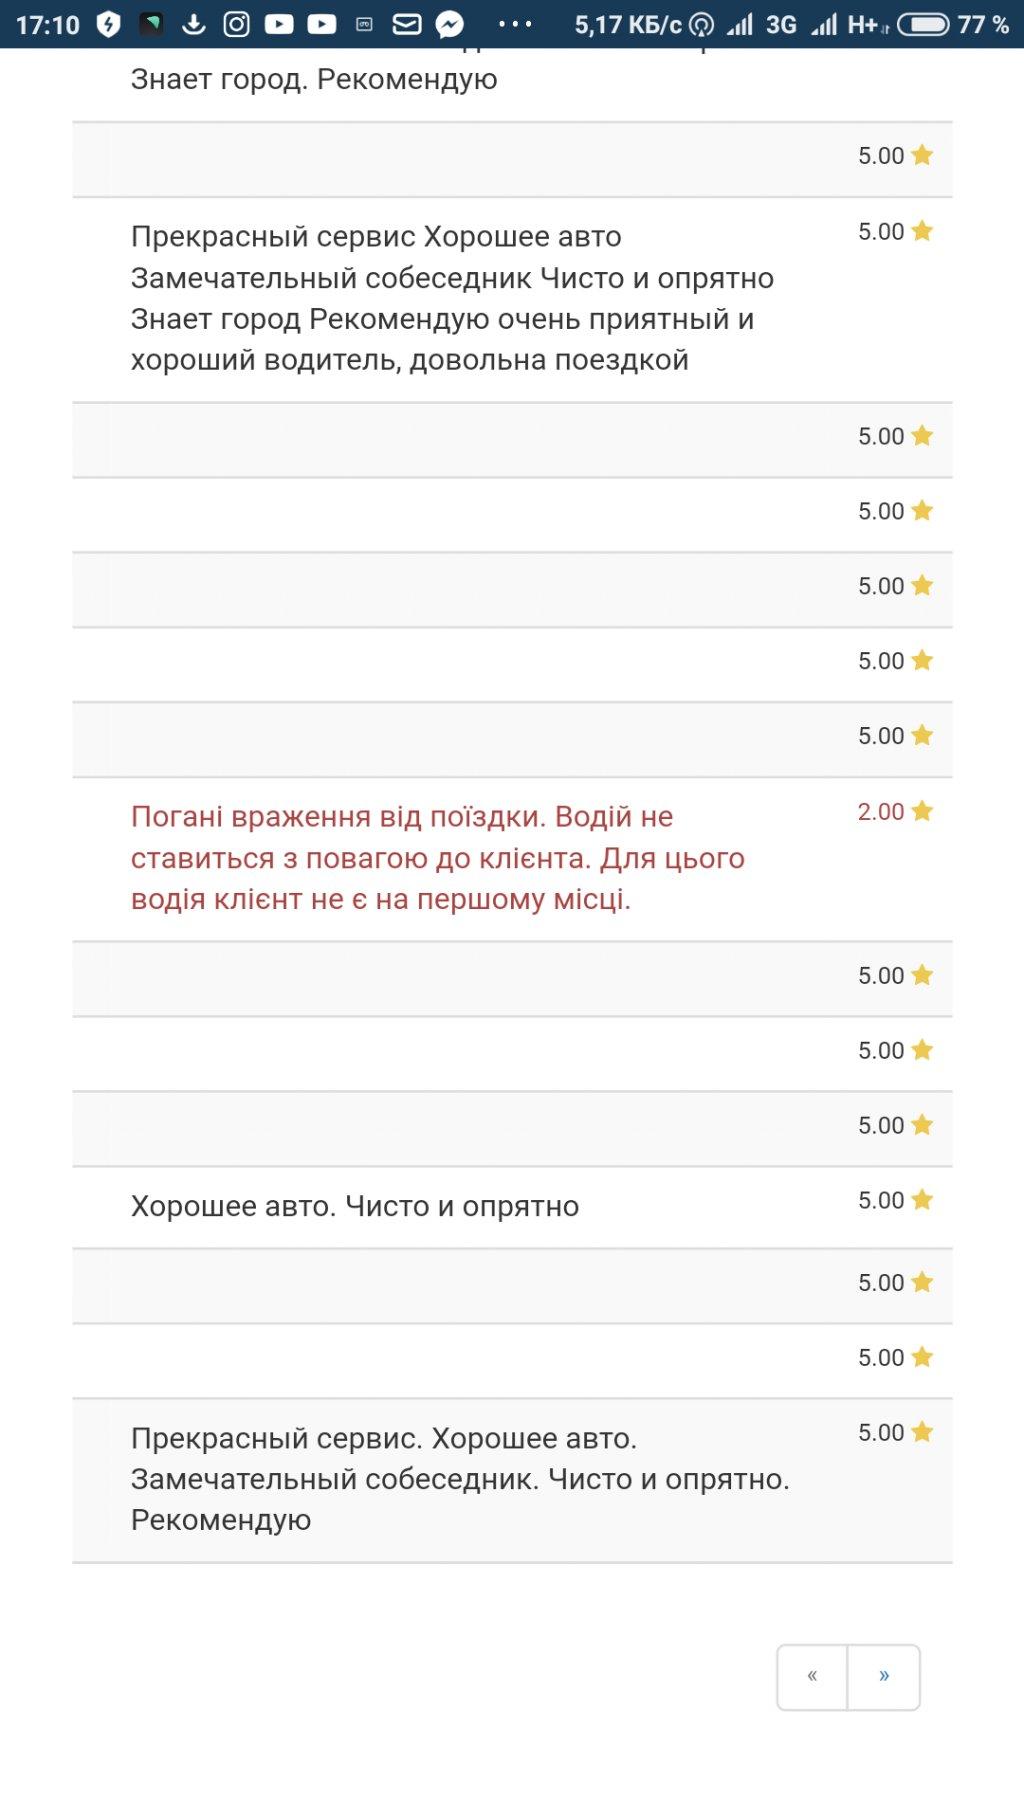 Uklon.ua (заказ такси) - Всегда найдётся обиженный жизнью, возомнивший себя царьком